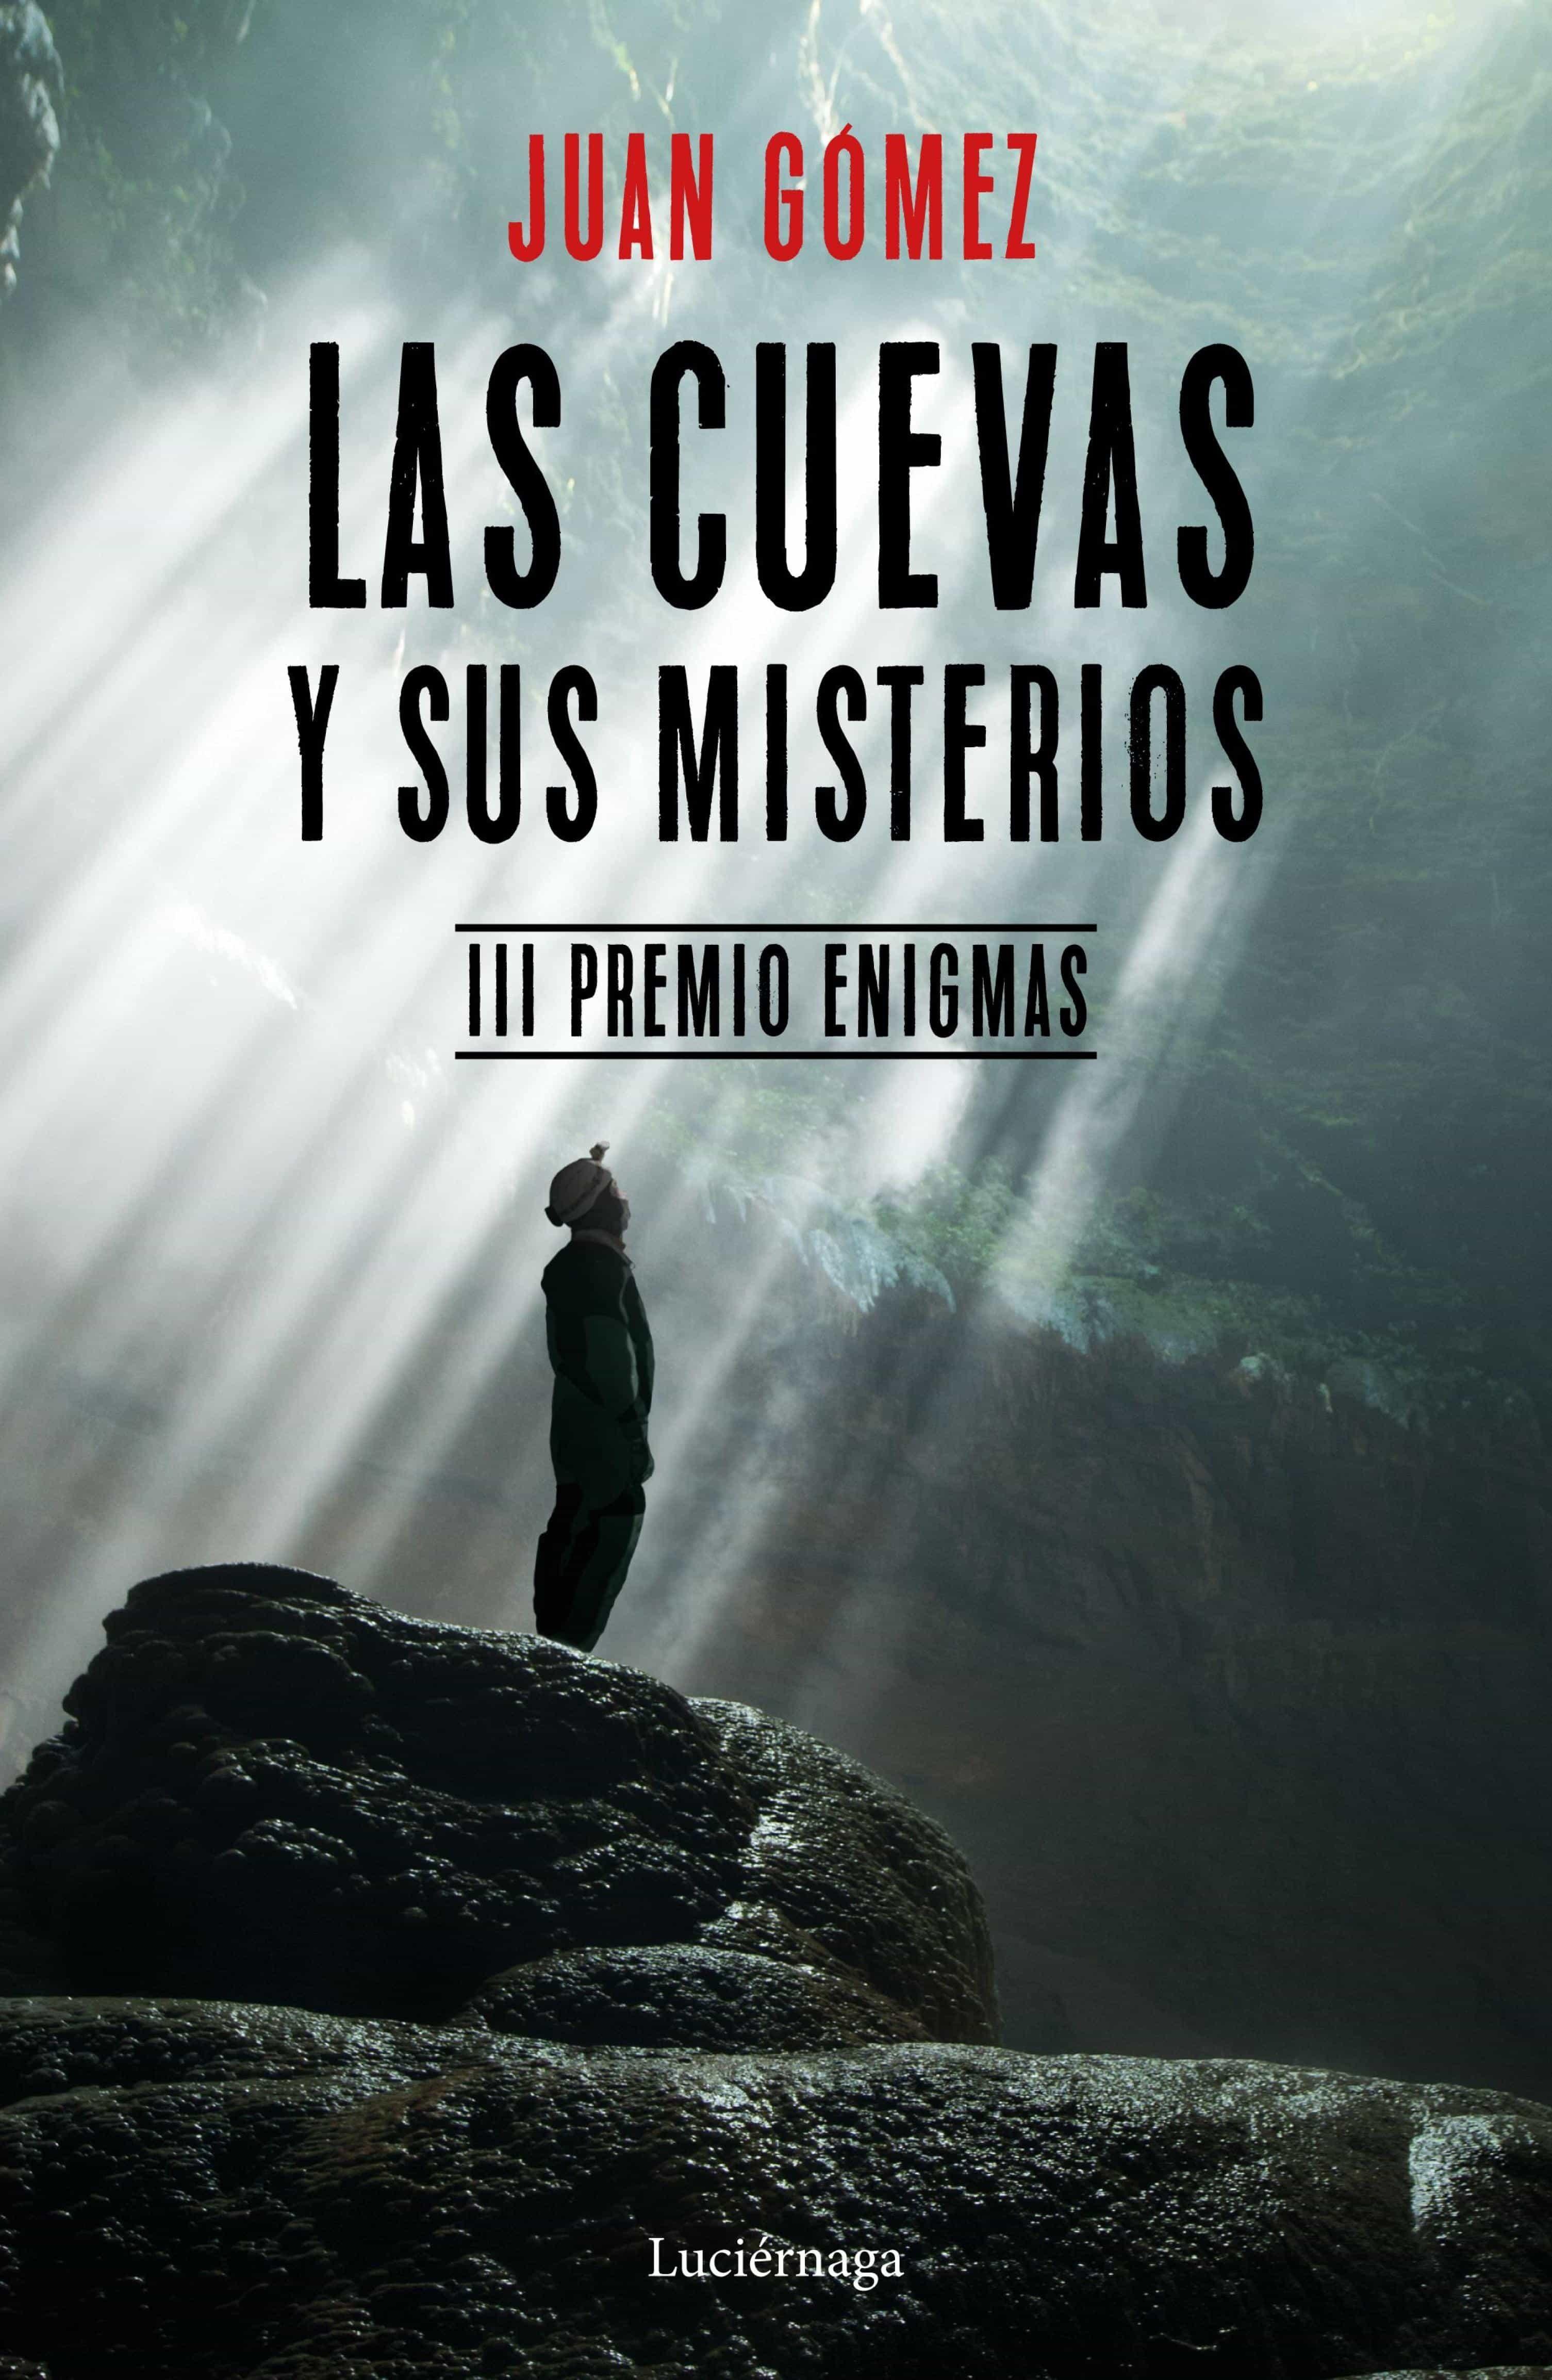 Las Cuevas Y Sus Misterios Ebook Ebooks El Corte Ingl S ~ Camas Articuladas Electricas En El Corte Ingles